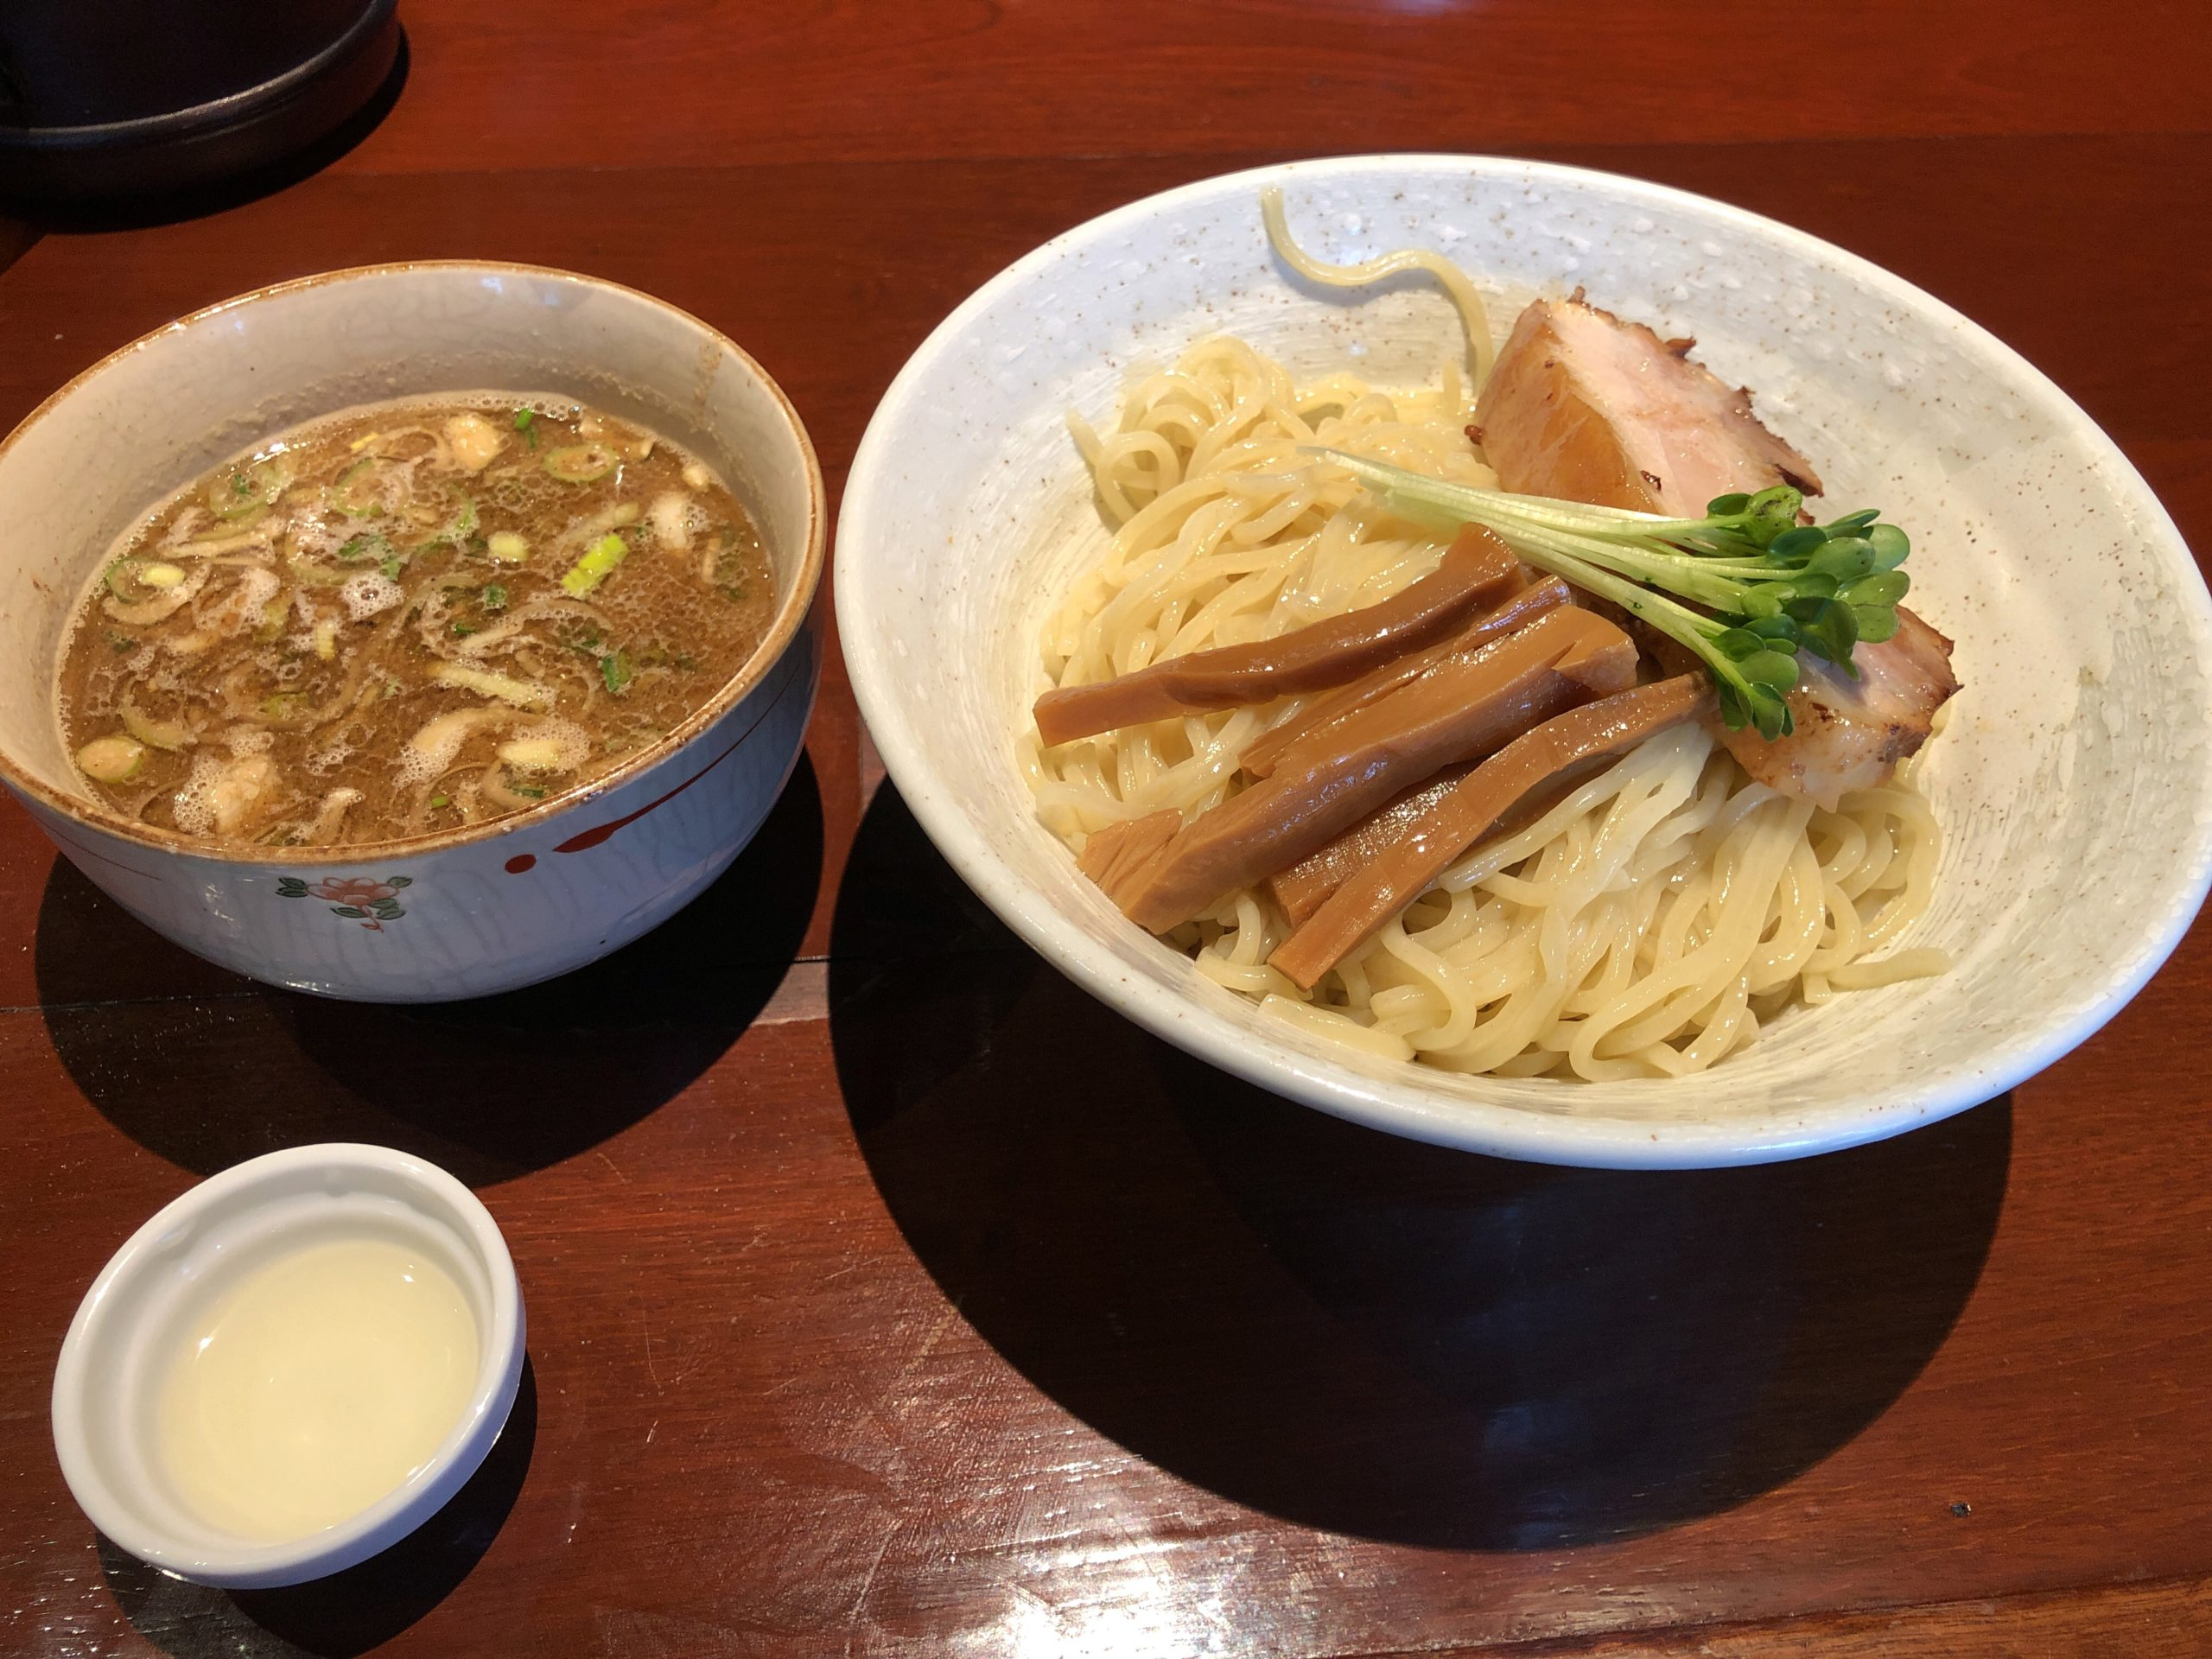 鹿沼の有名ラーメン店「匠仁坊」に再訪問、未挑戦だったつけ麺に初体験